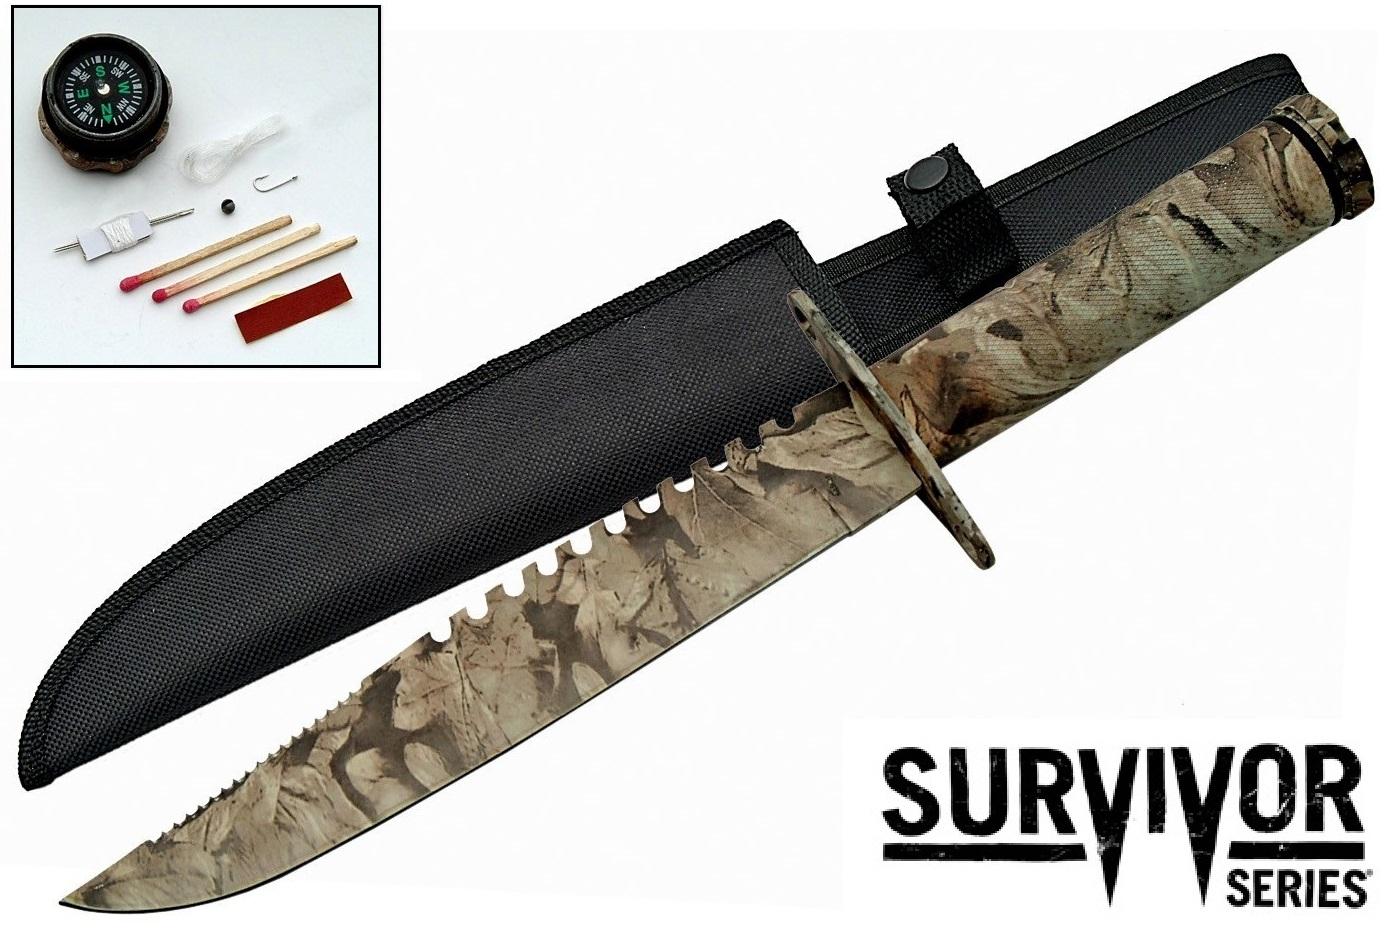 Poignard tactique militaire 37,5cm camo - inclus kit survie